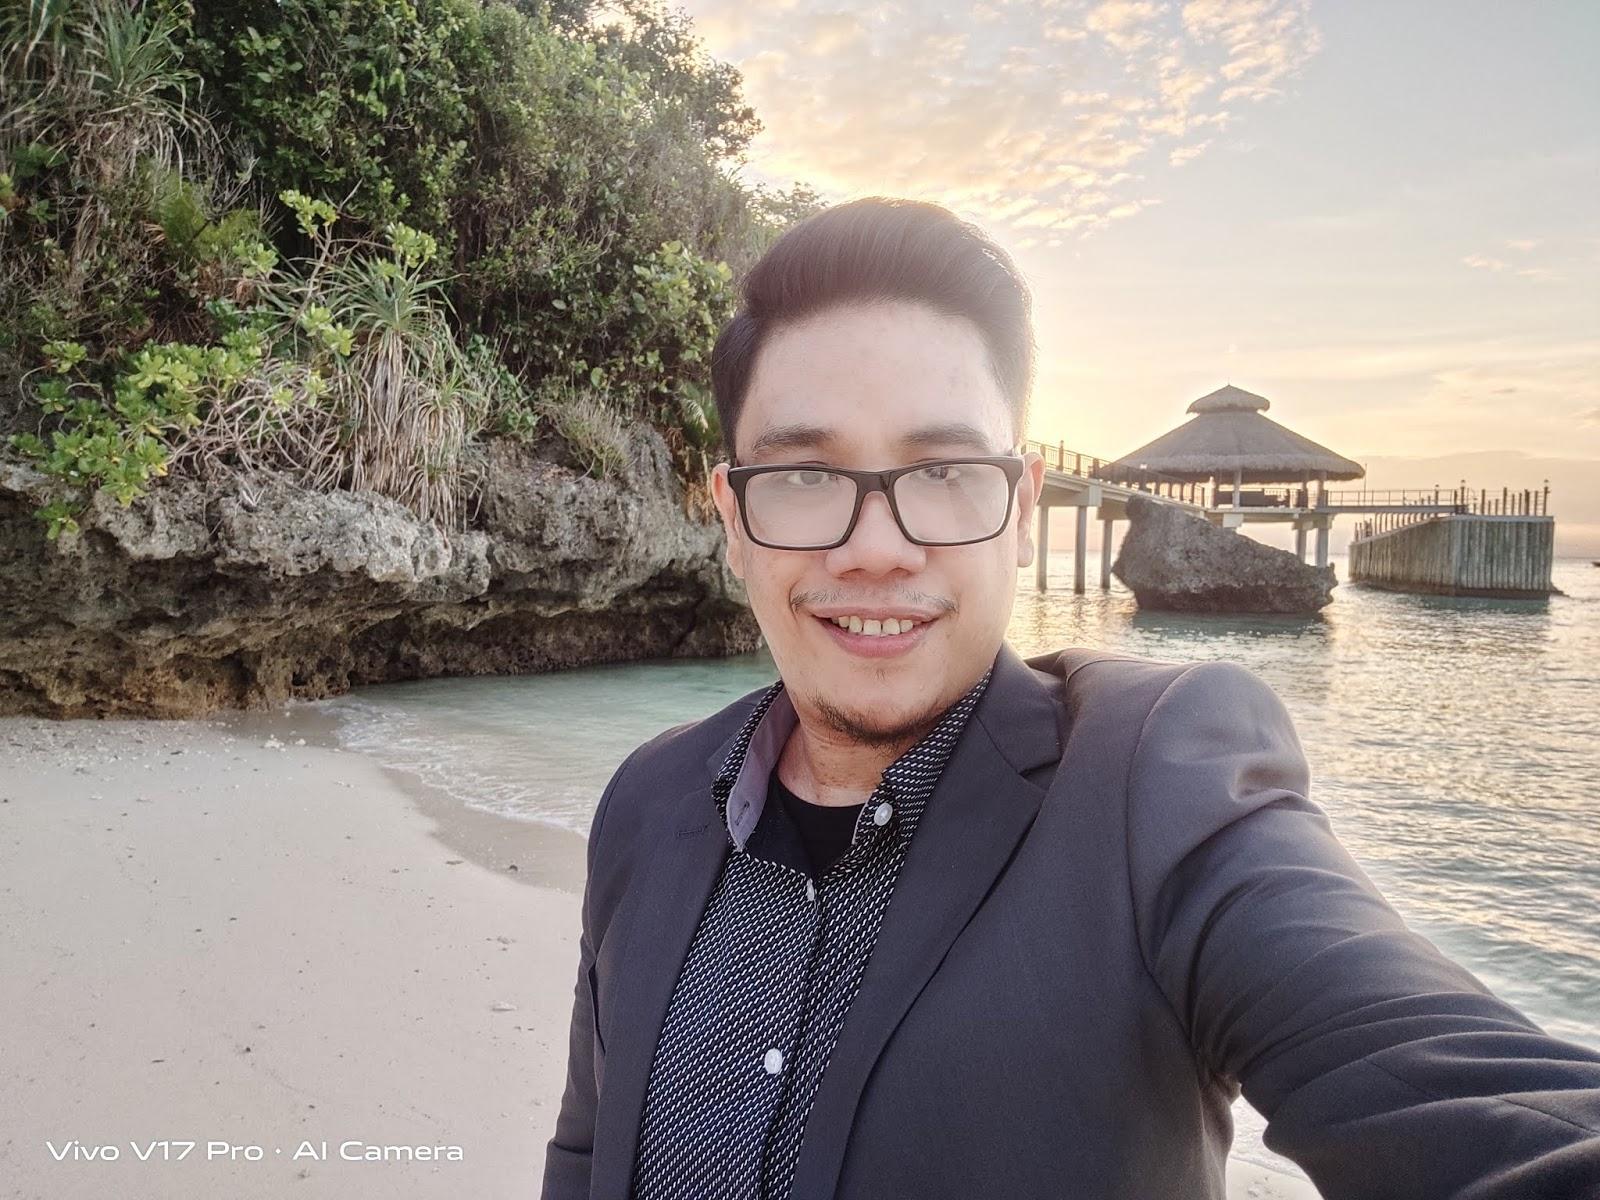 Vivo V17 Pro Dual Selfie Camera Sample